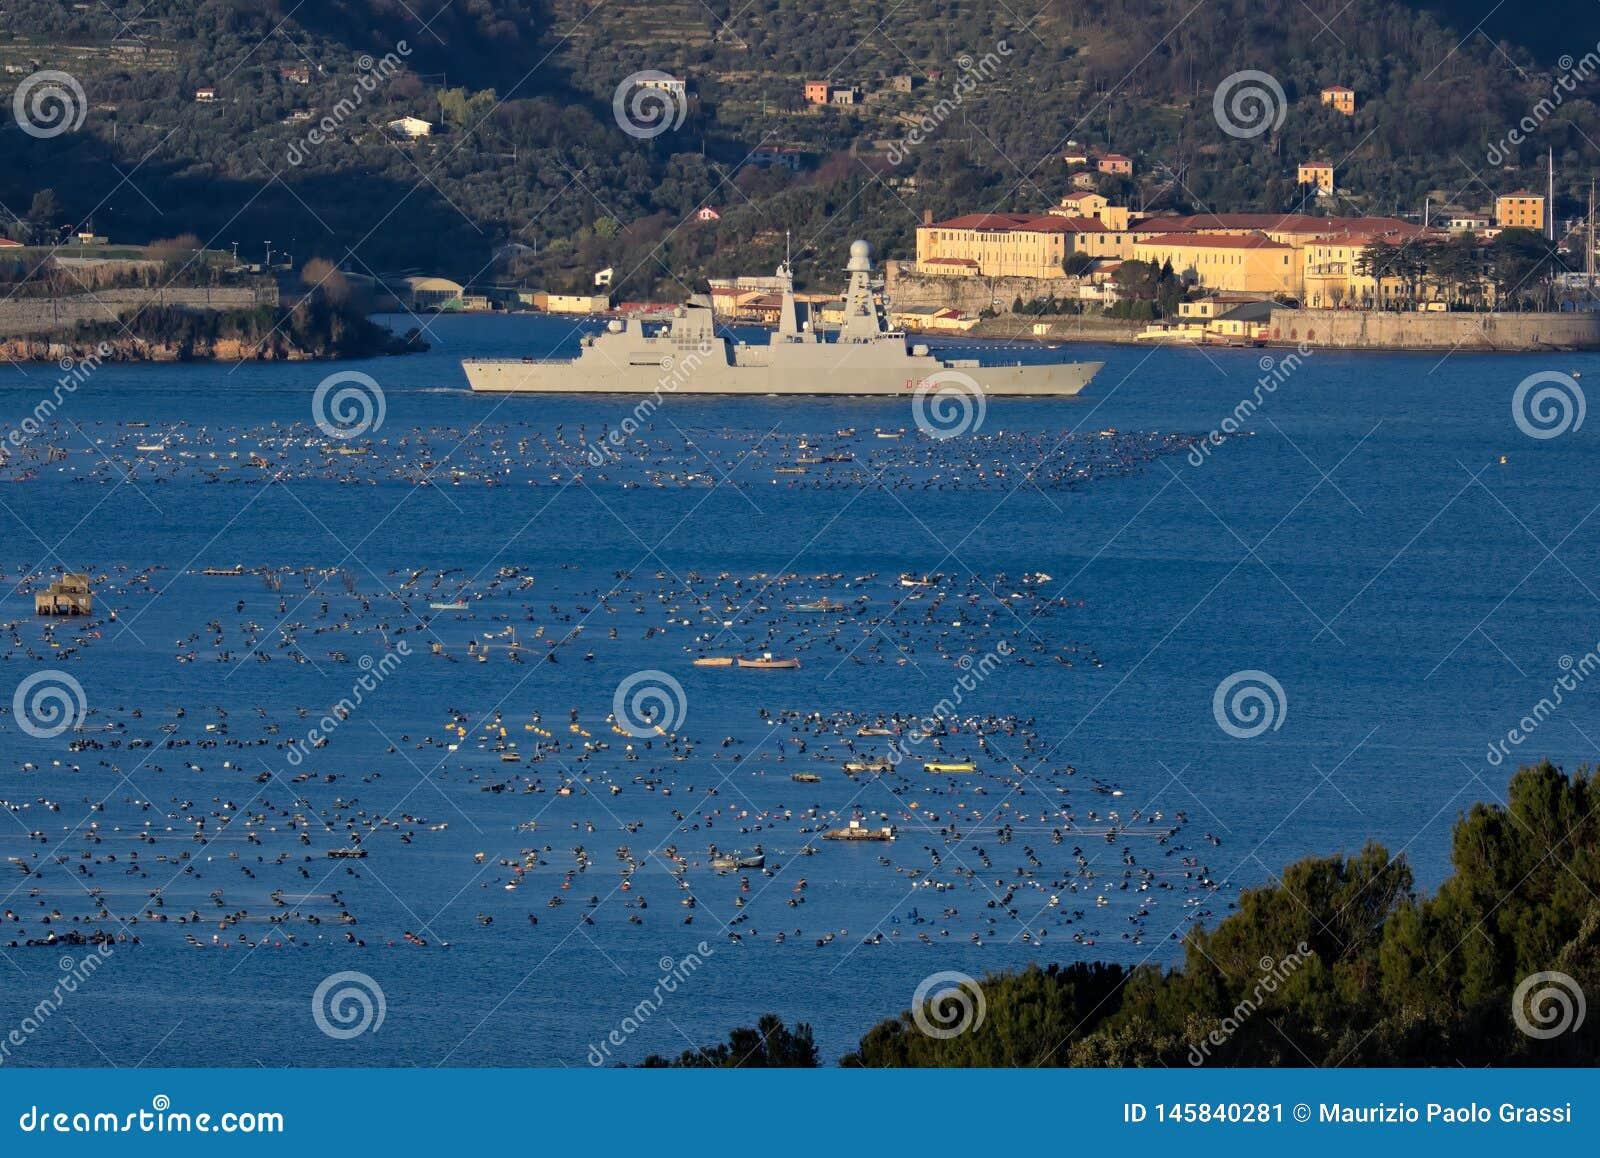 La Spezia, Liguria, Italia 03/27/2019 Nave militar italiana D554, Caio Duilio